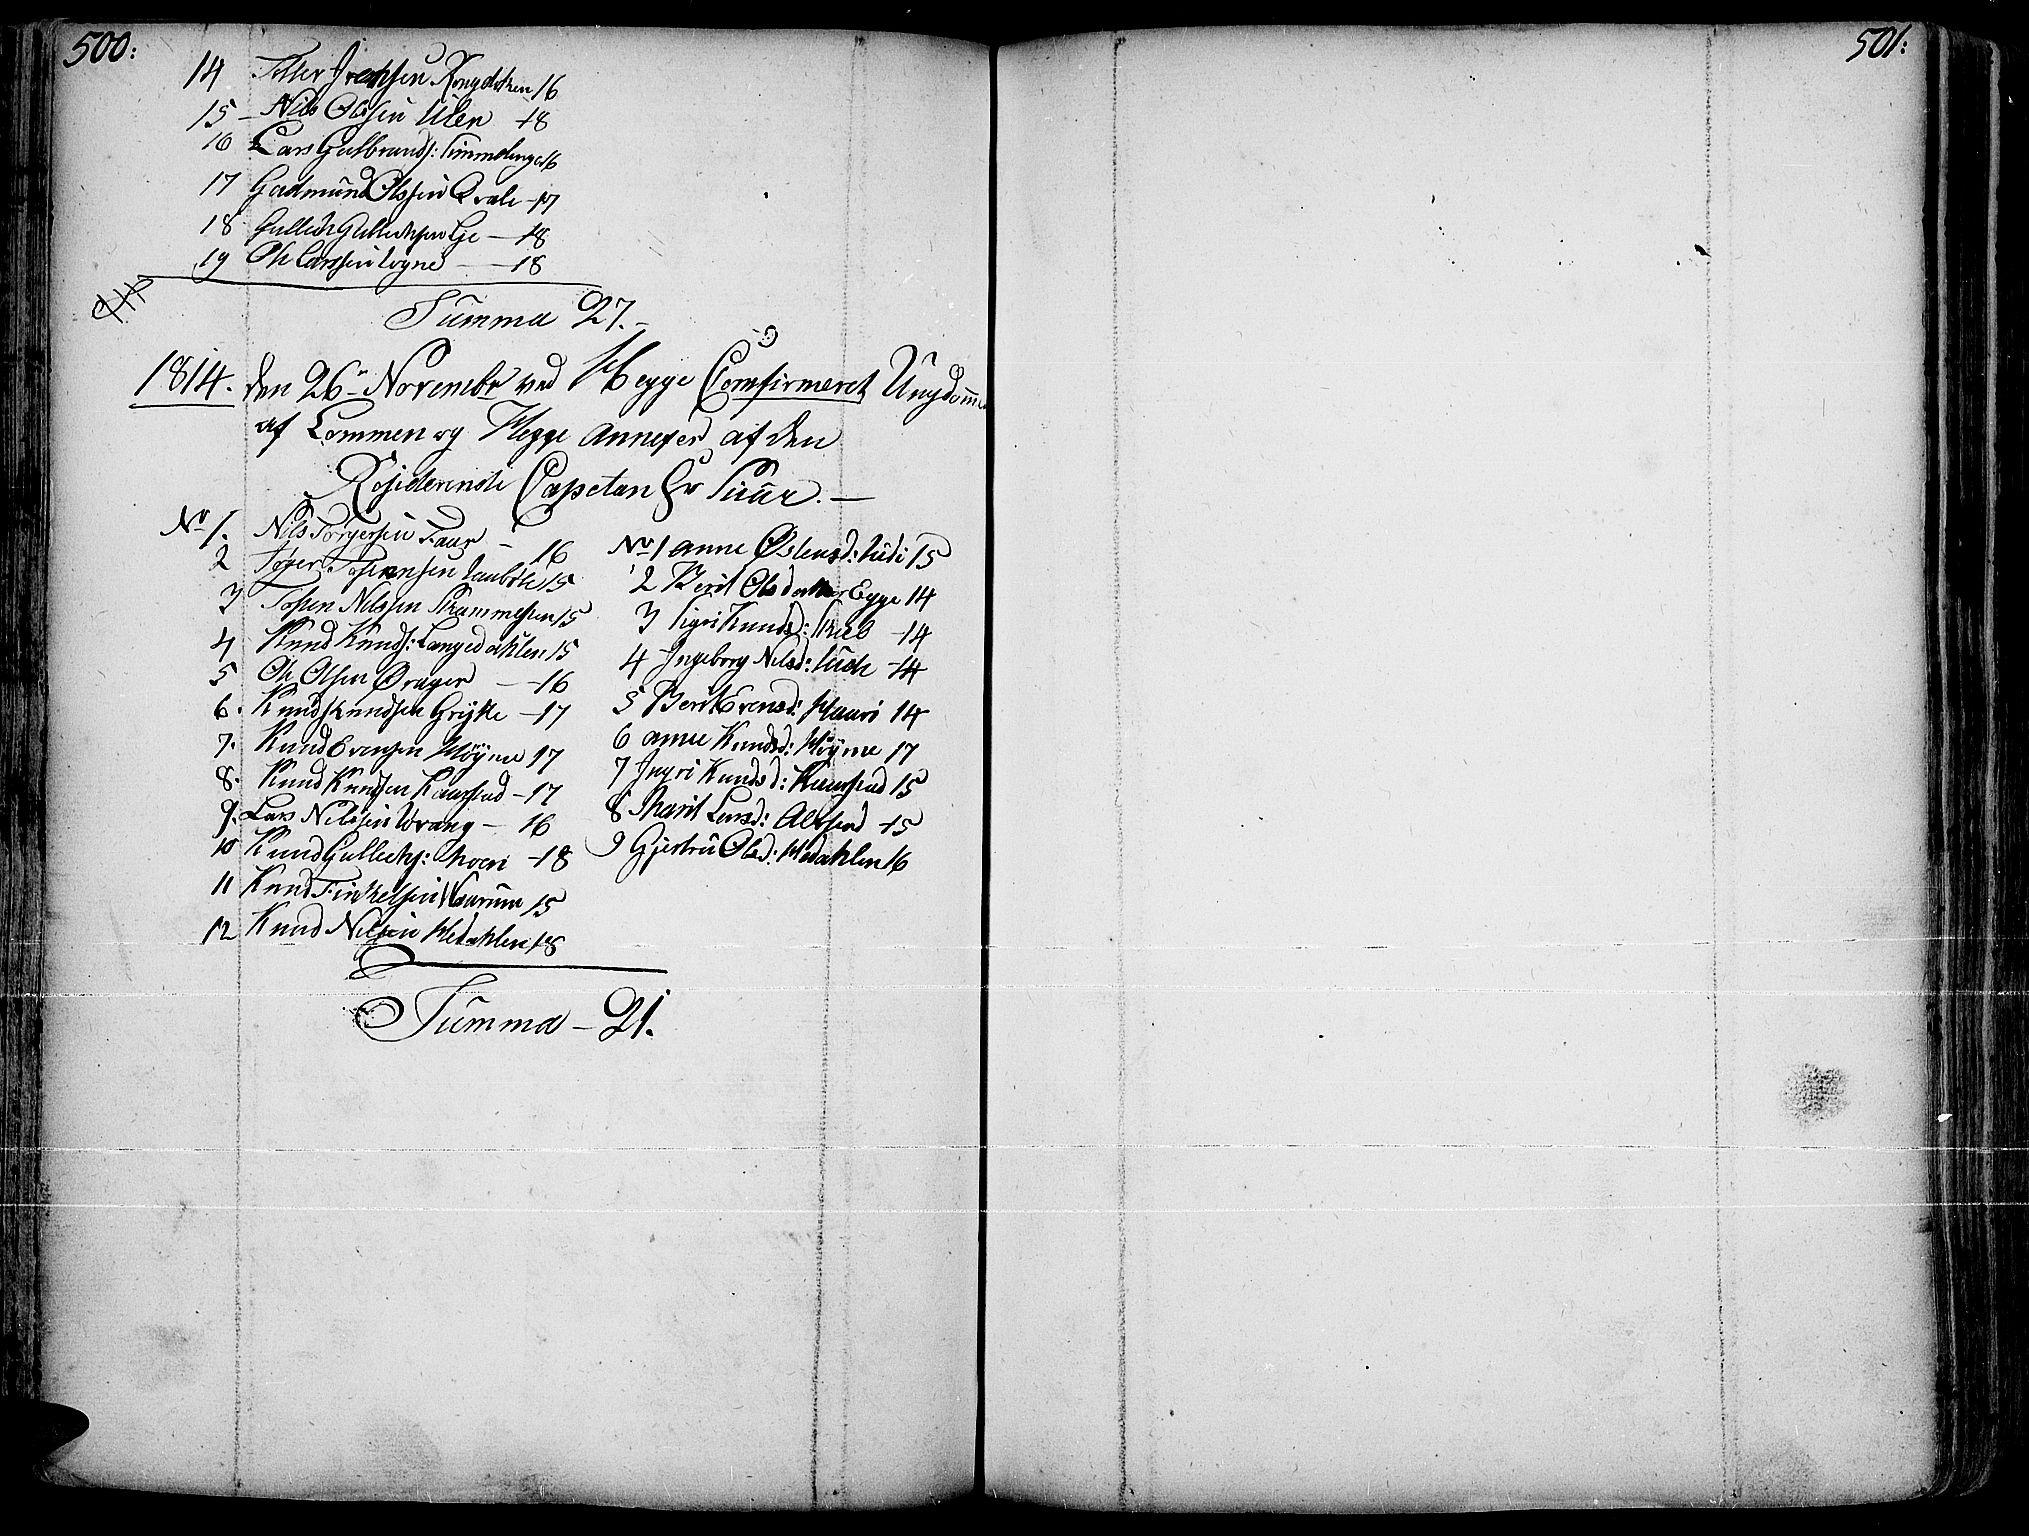 SAH, Slidre prestekontor, Ministerialbok nr. 1, 1724-1814, s. 500-501